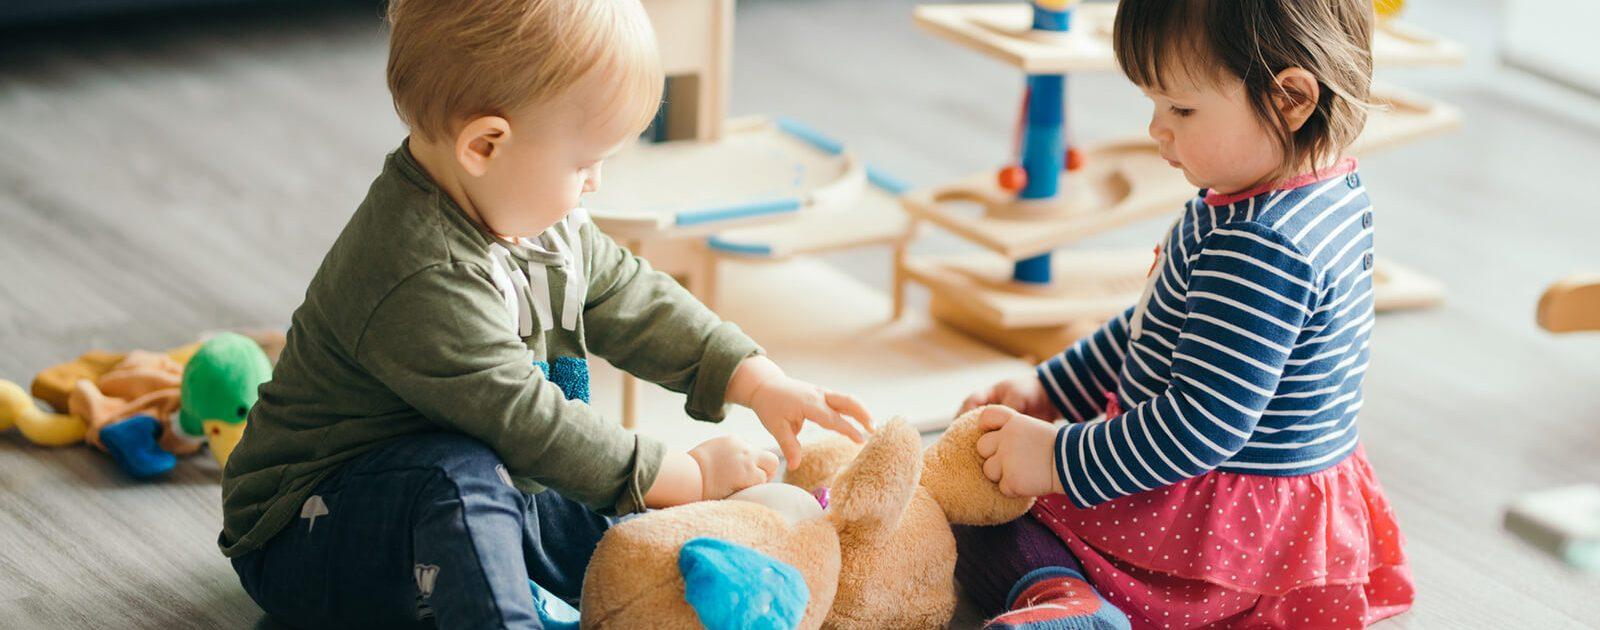 Auch kinder können unter Vitamin B 12-Mangel leiden.